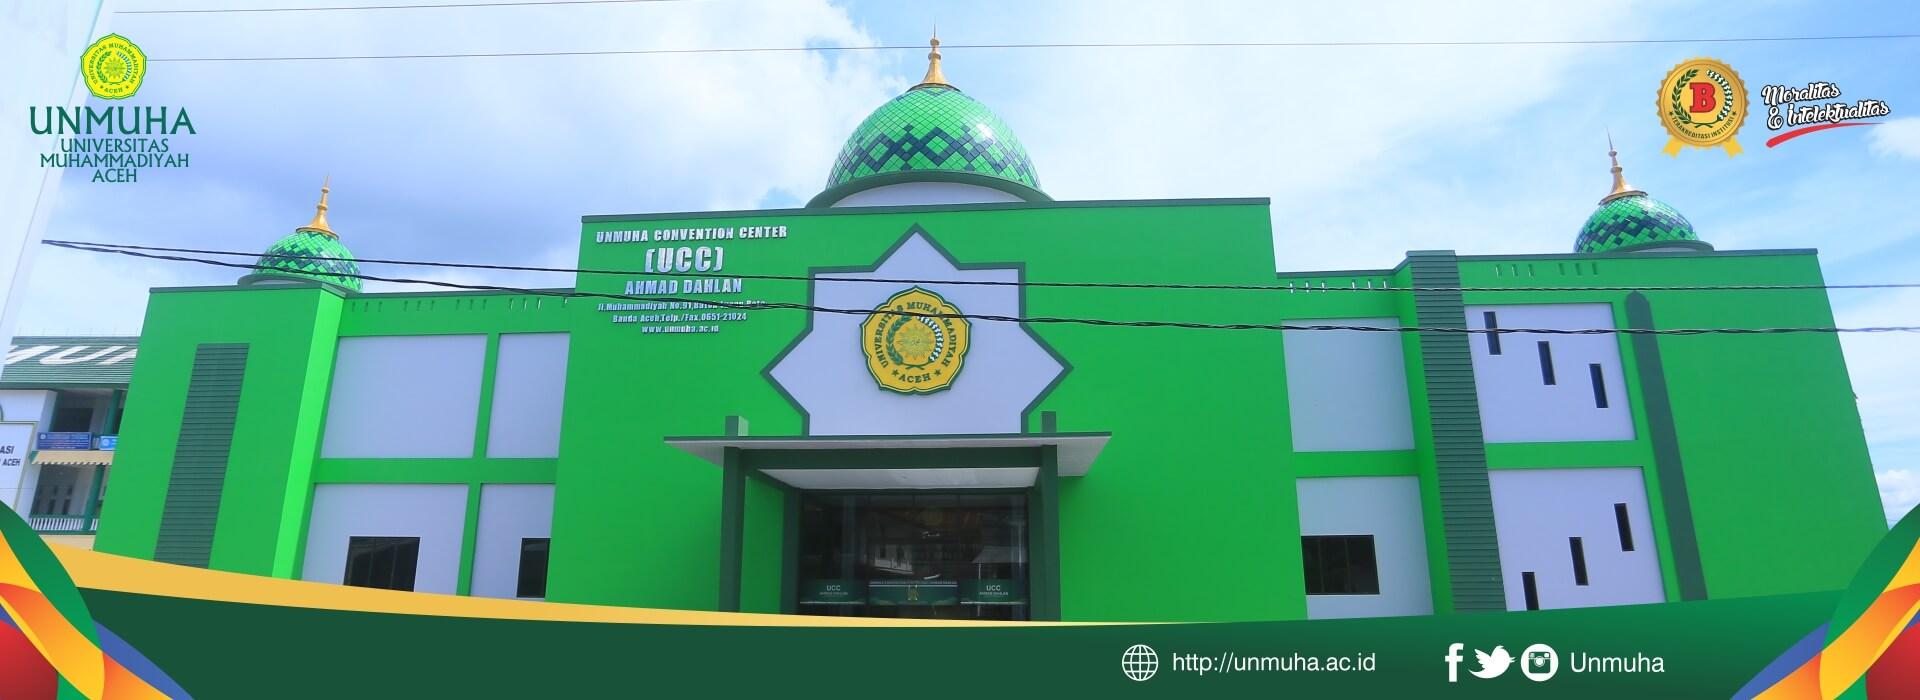 Universitas Muhammadiyah Aceh Unmuha